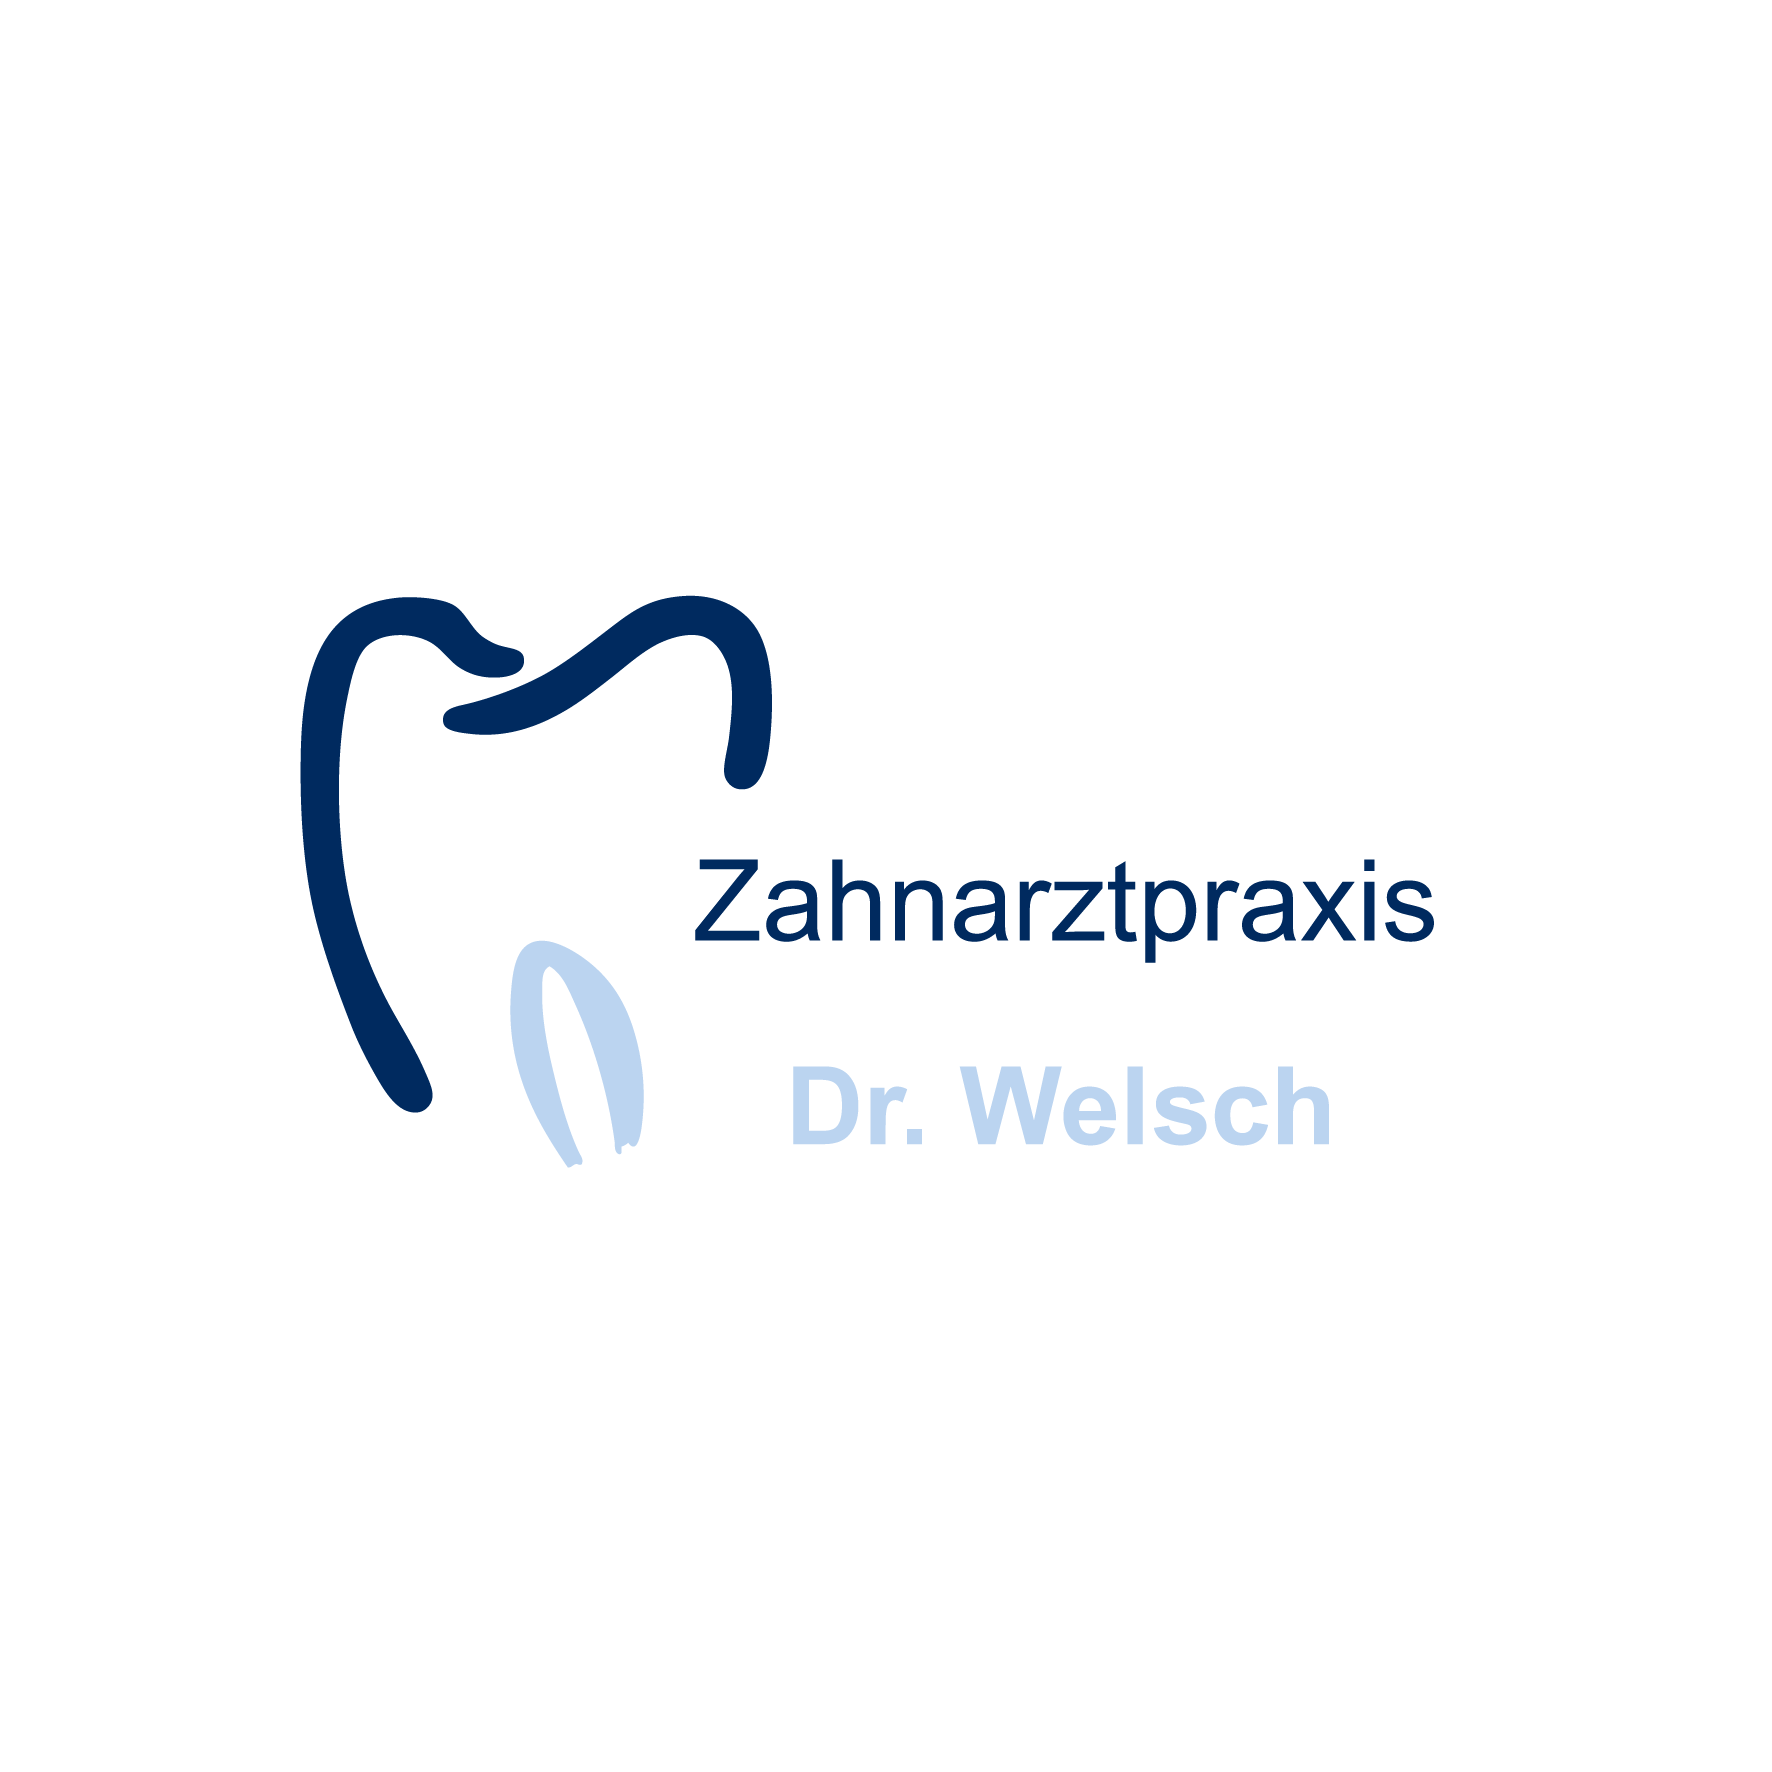 Bild zu Zahnarztpraxis Dr. Welsch in Mülheim Kärlich